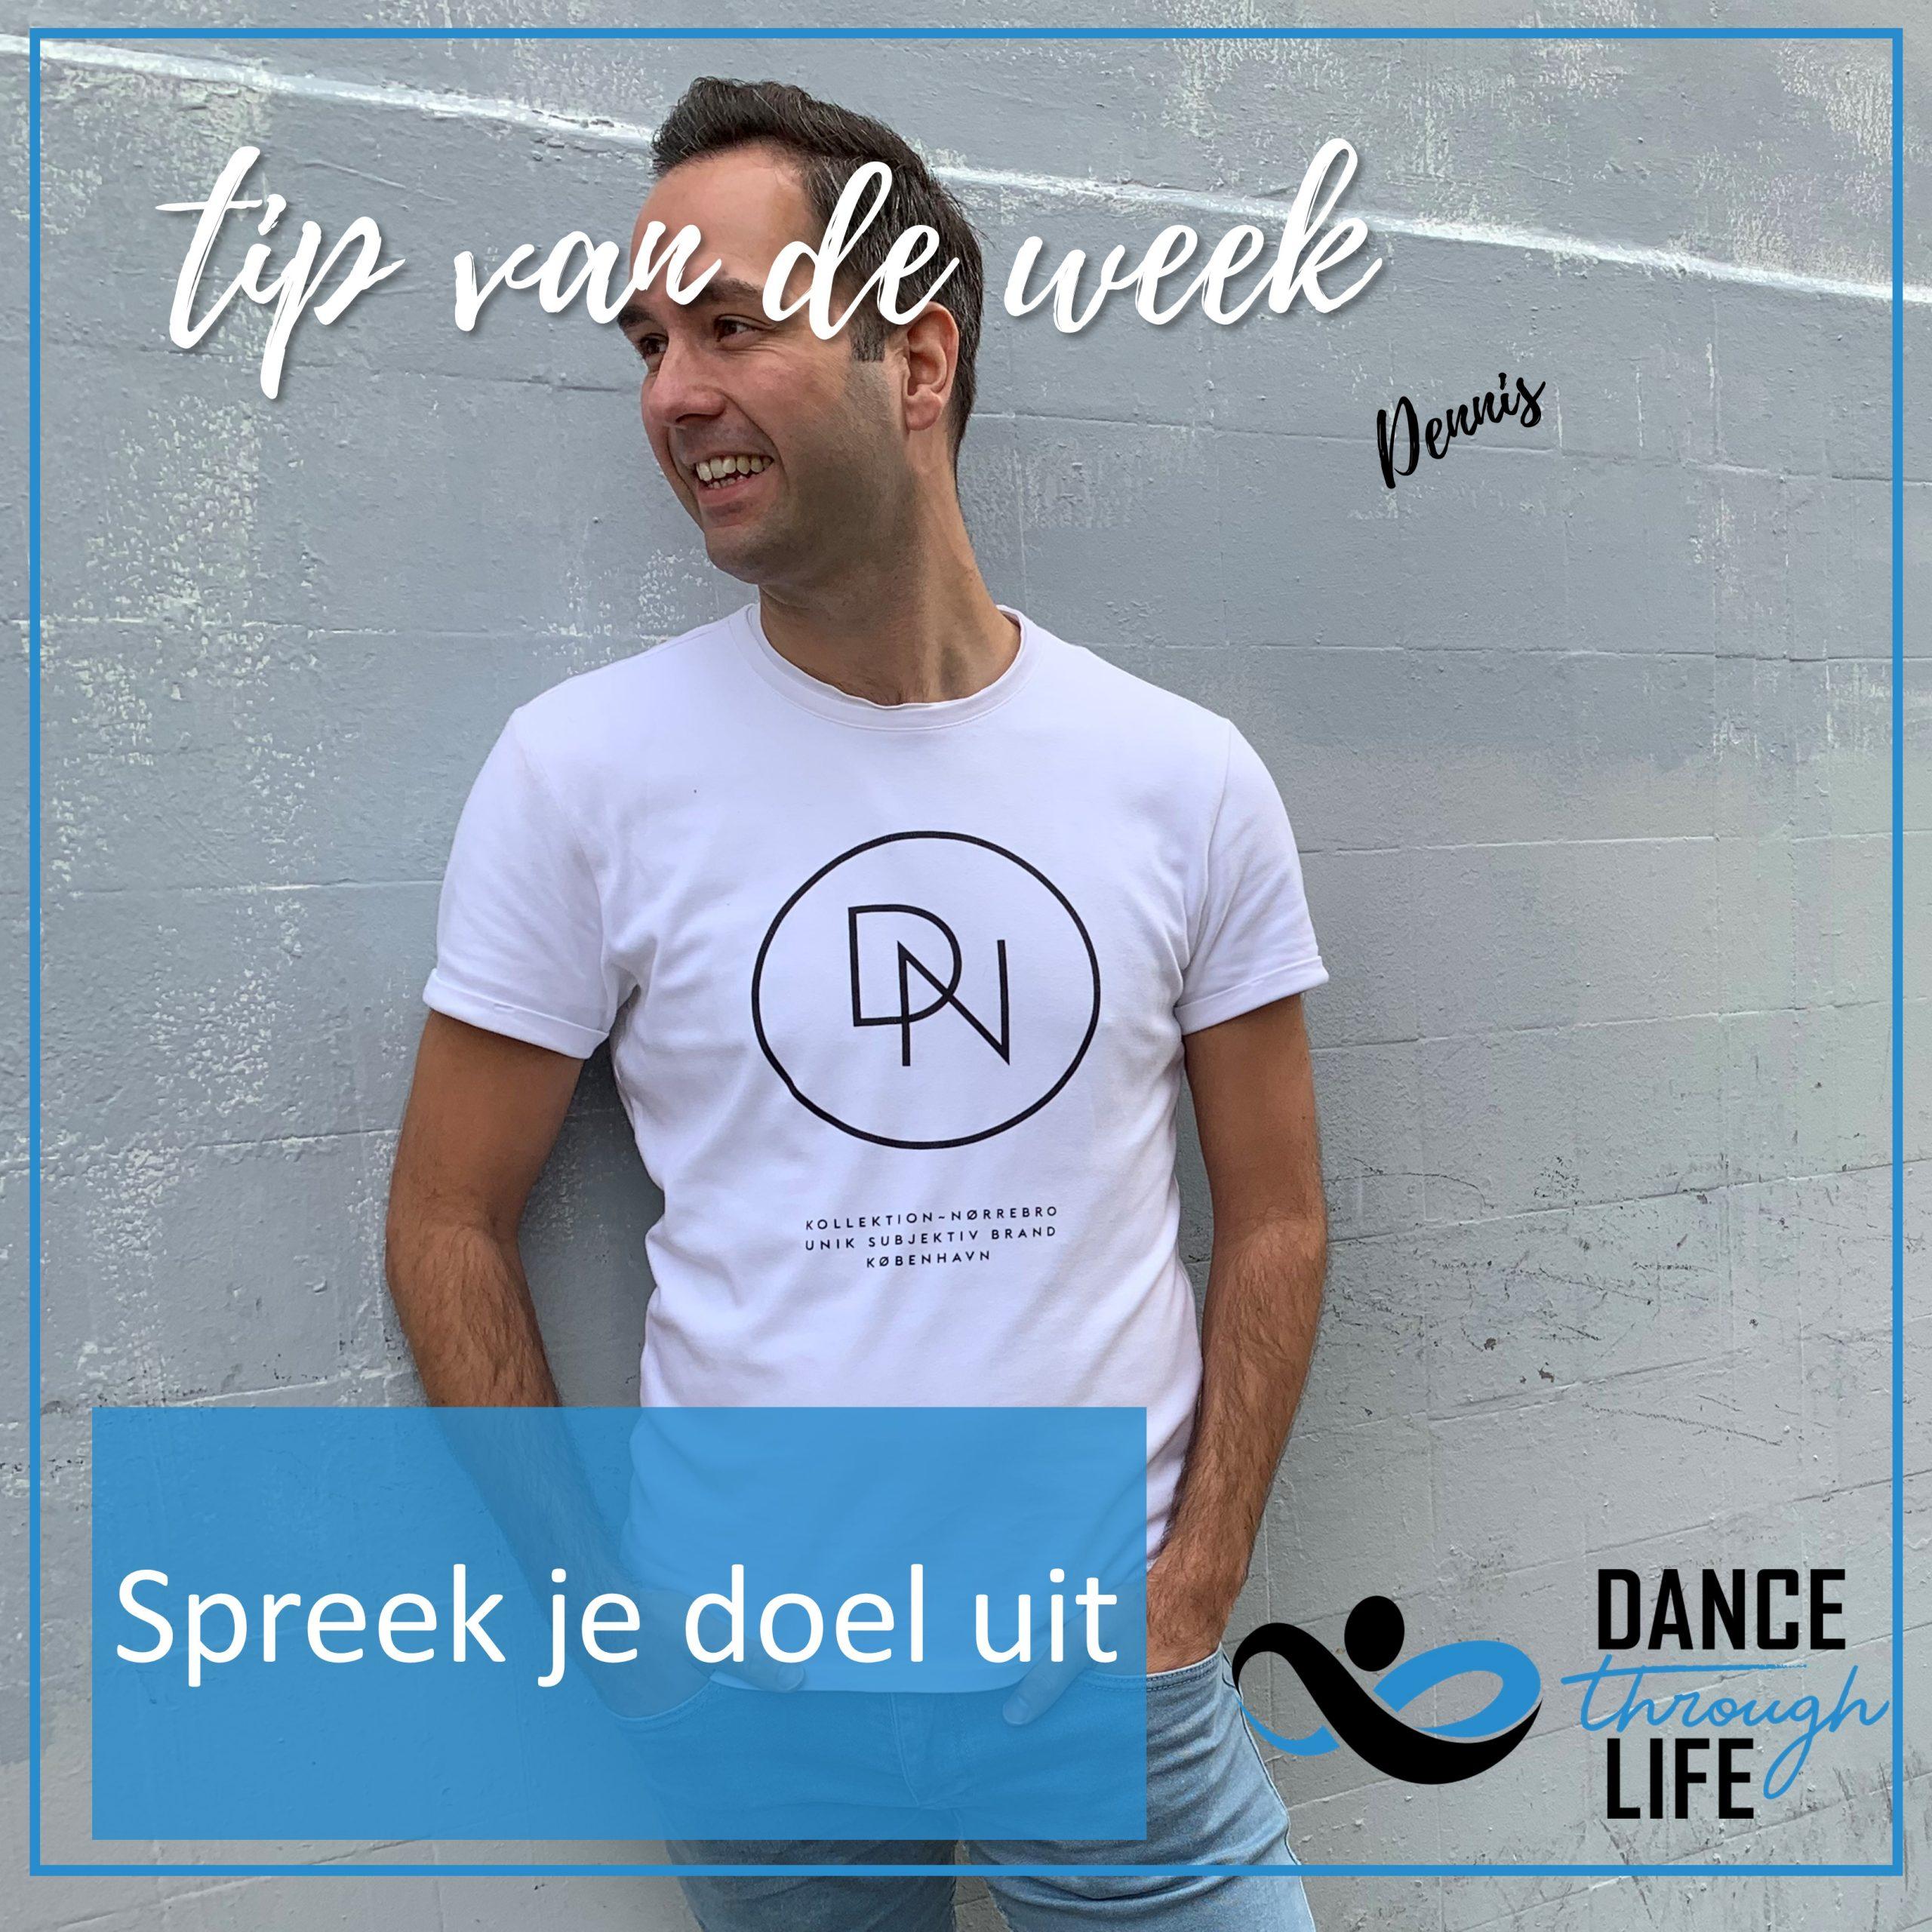 Spreek je doel uit - Tip van de week - Dennis - Dance Through Life